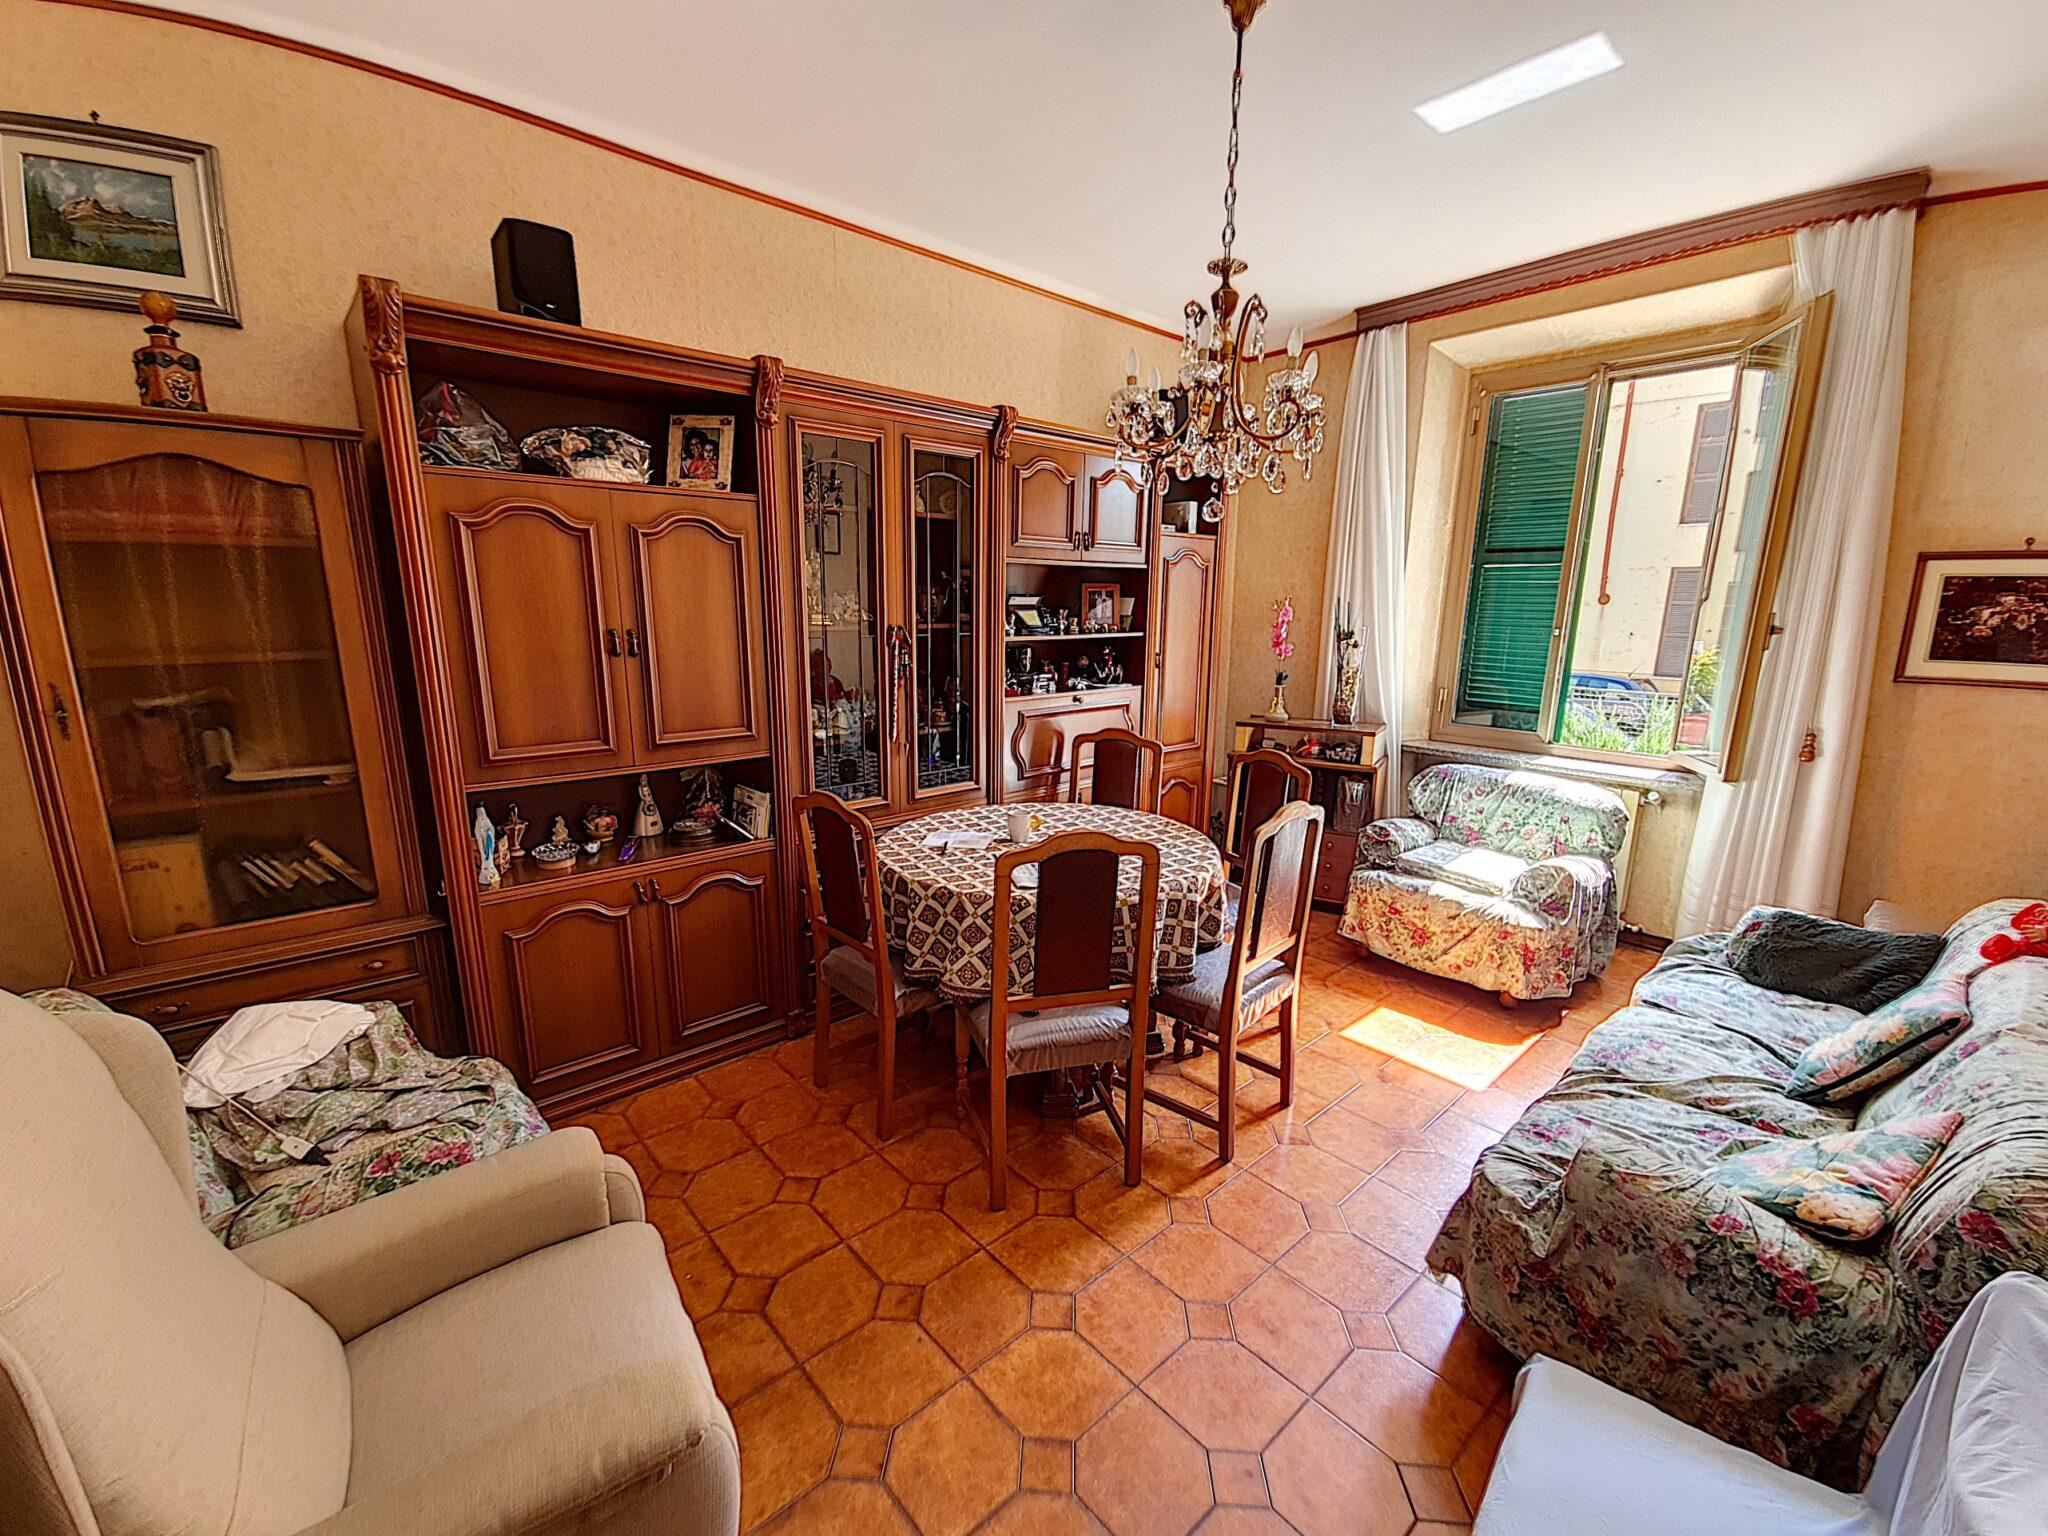 CASALE MONFERRATO (VIA ITALO ROSSI) Vendesi appartamento mq. 70